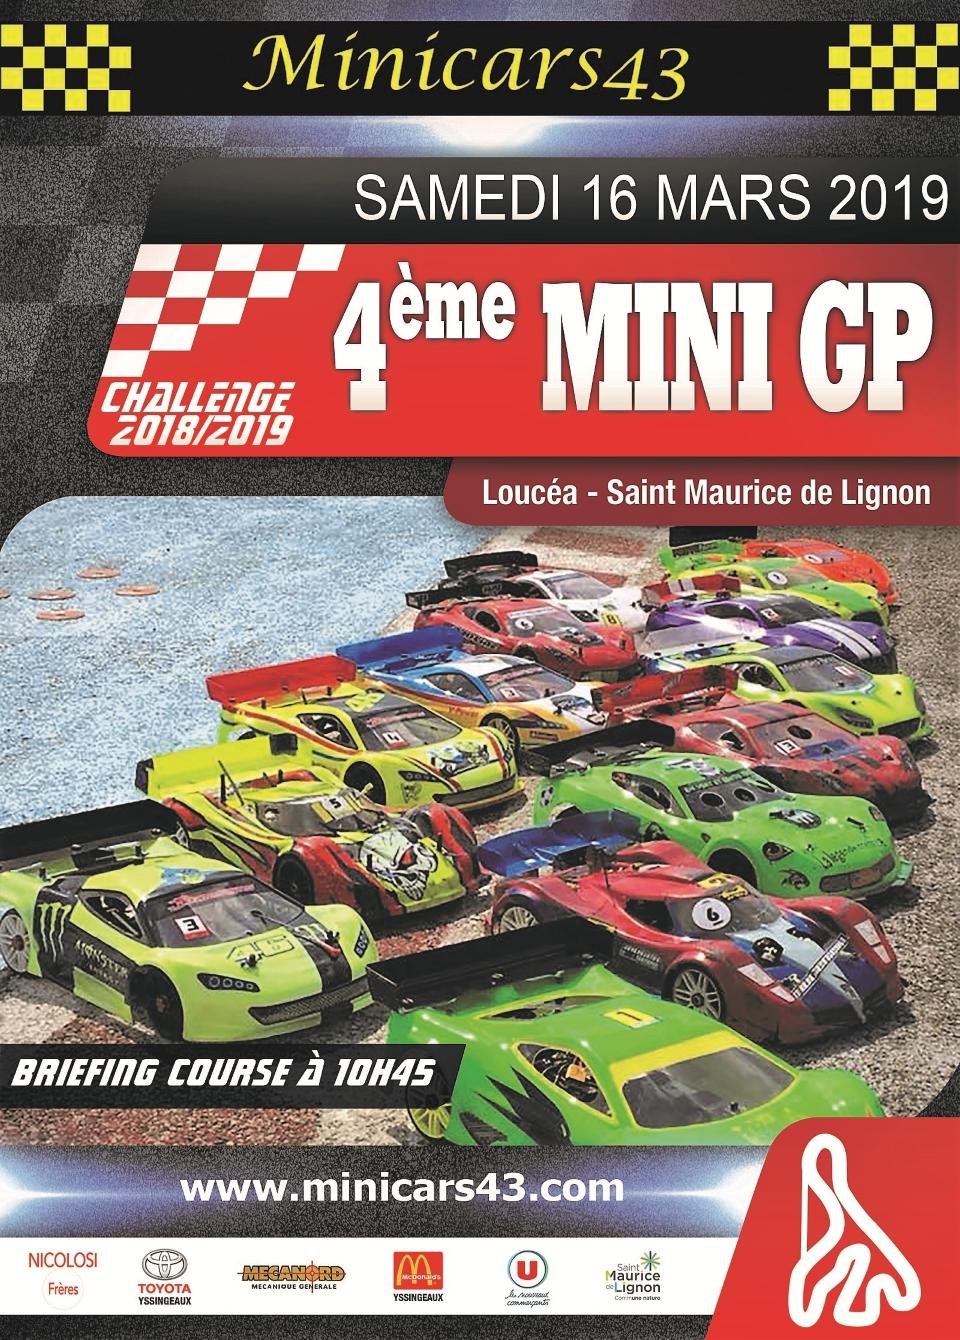 Affiche 4ème Mini GP 2018-19